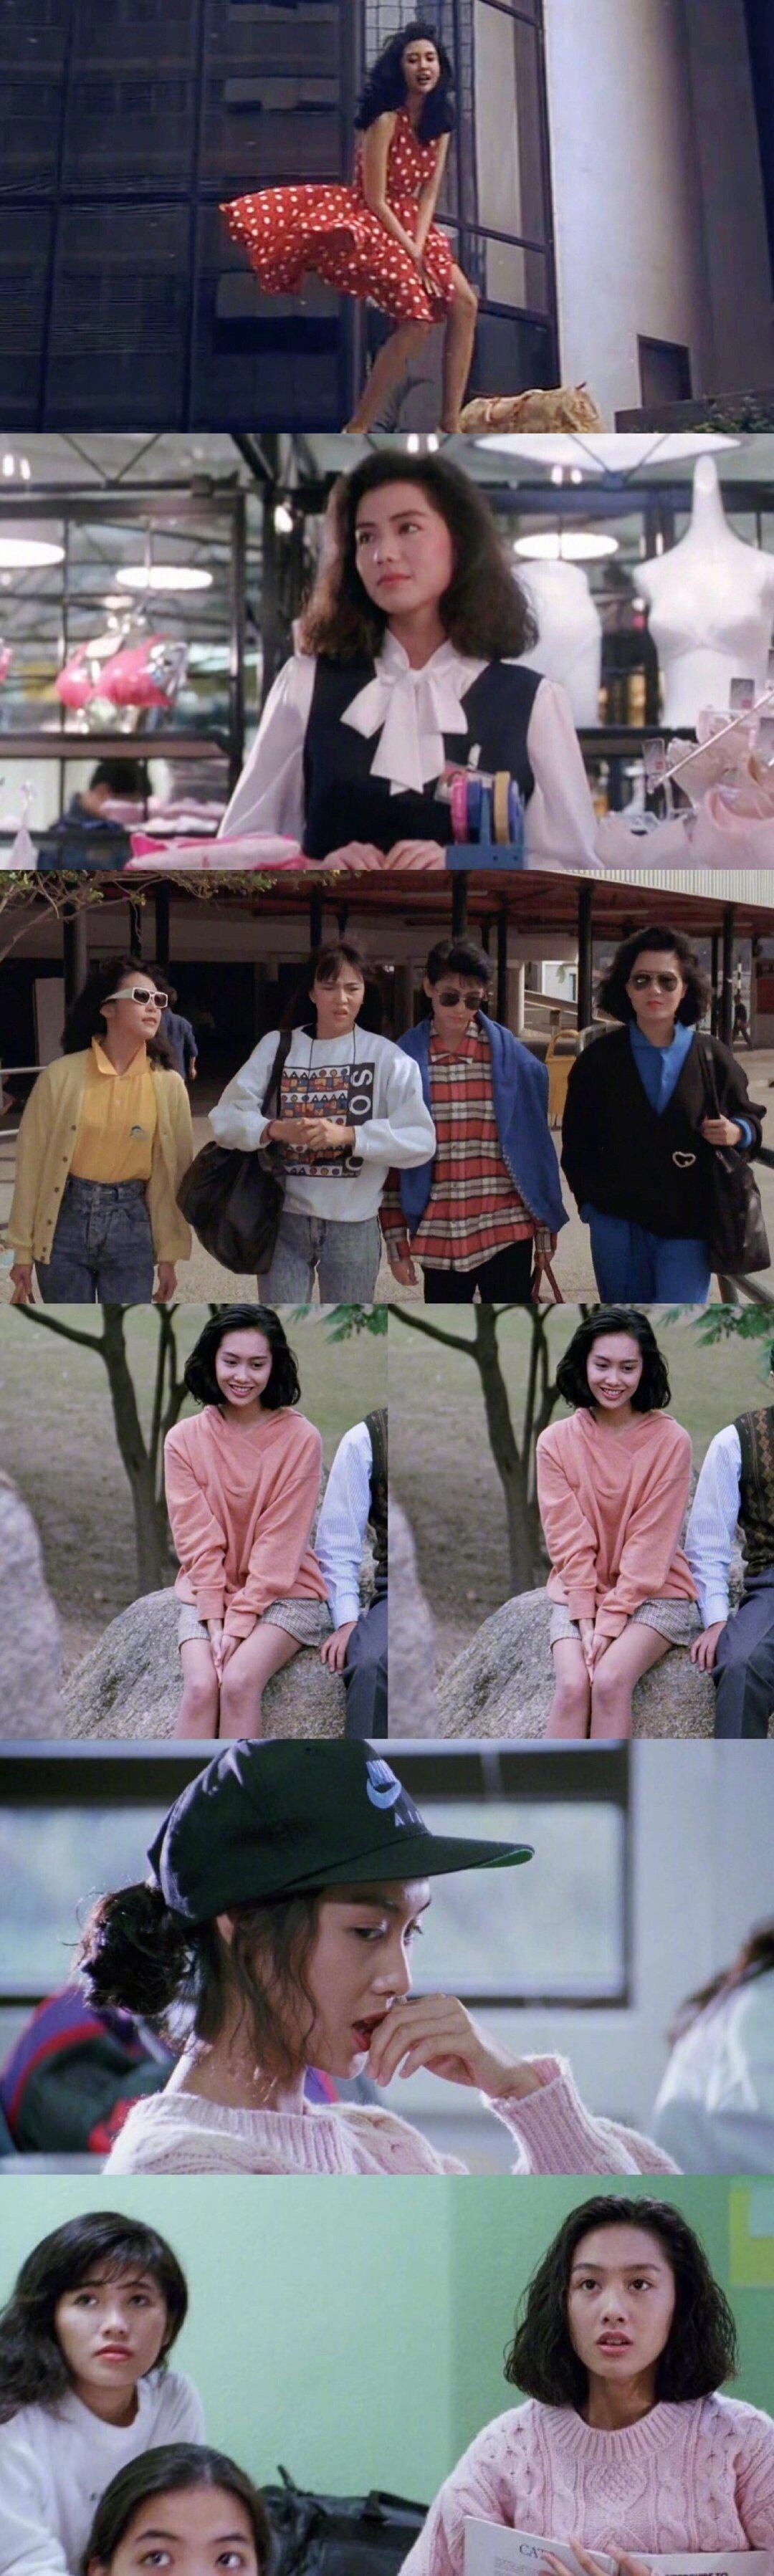 八九十年代香港电影中的女神们穿搭……